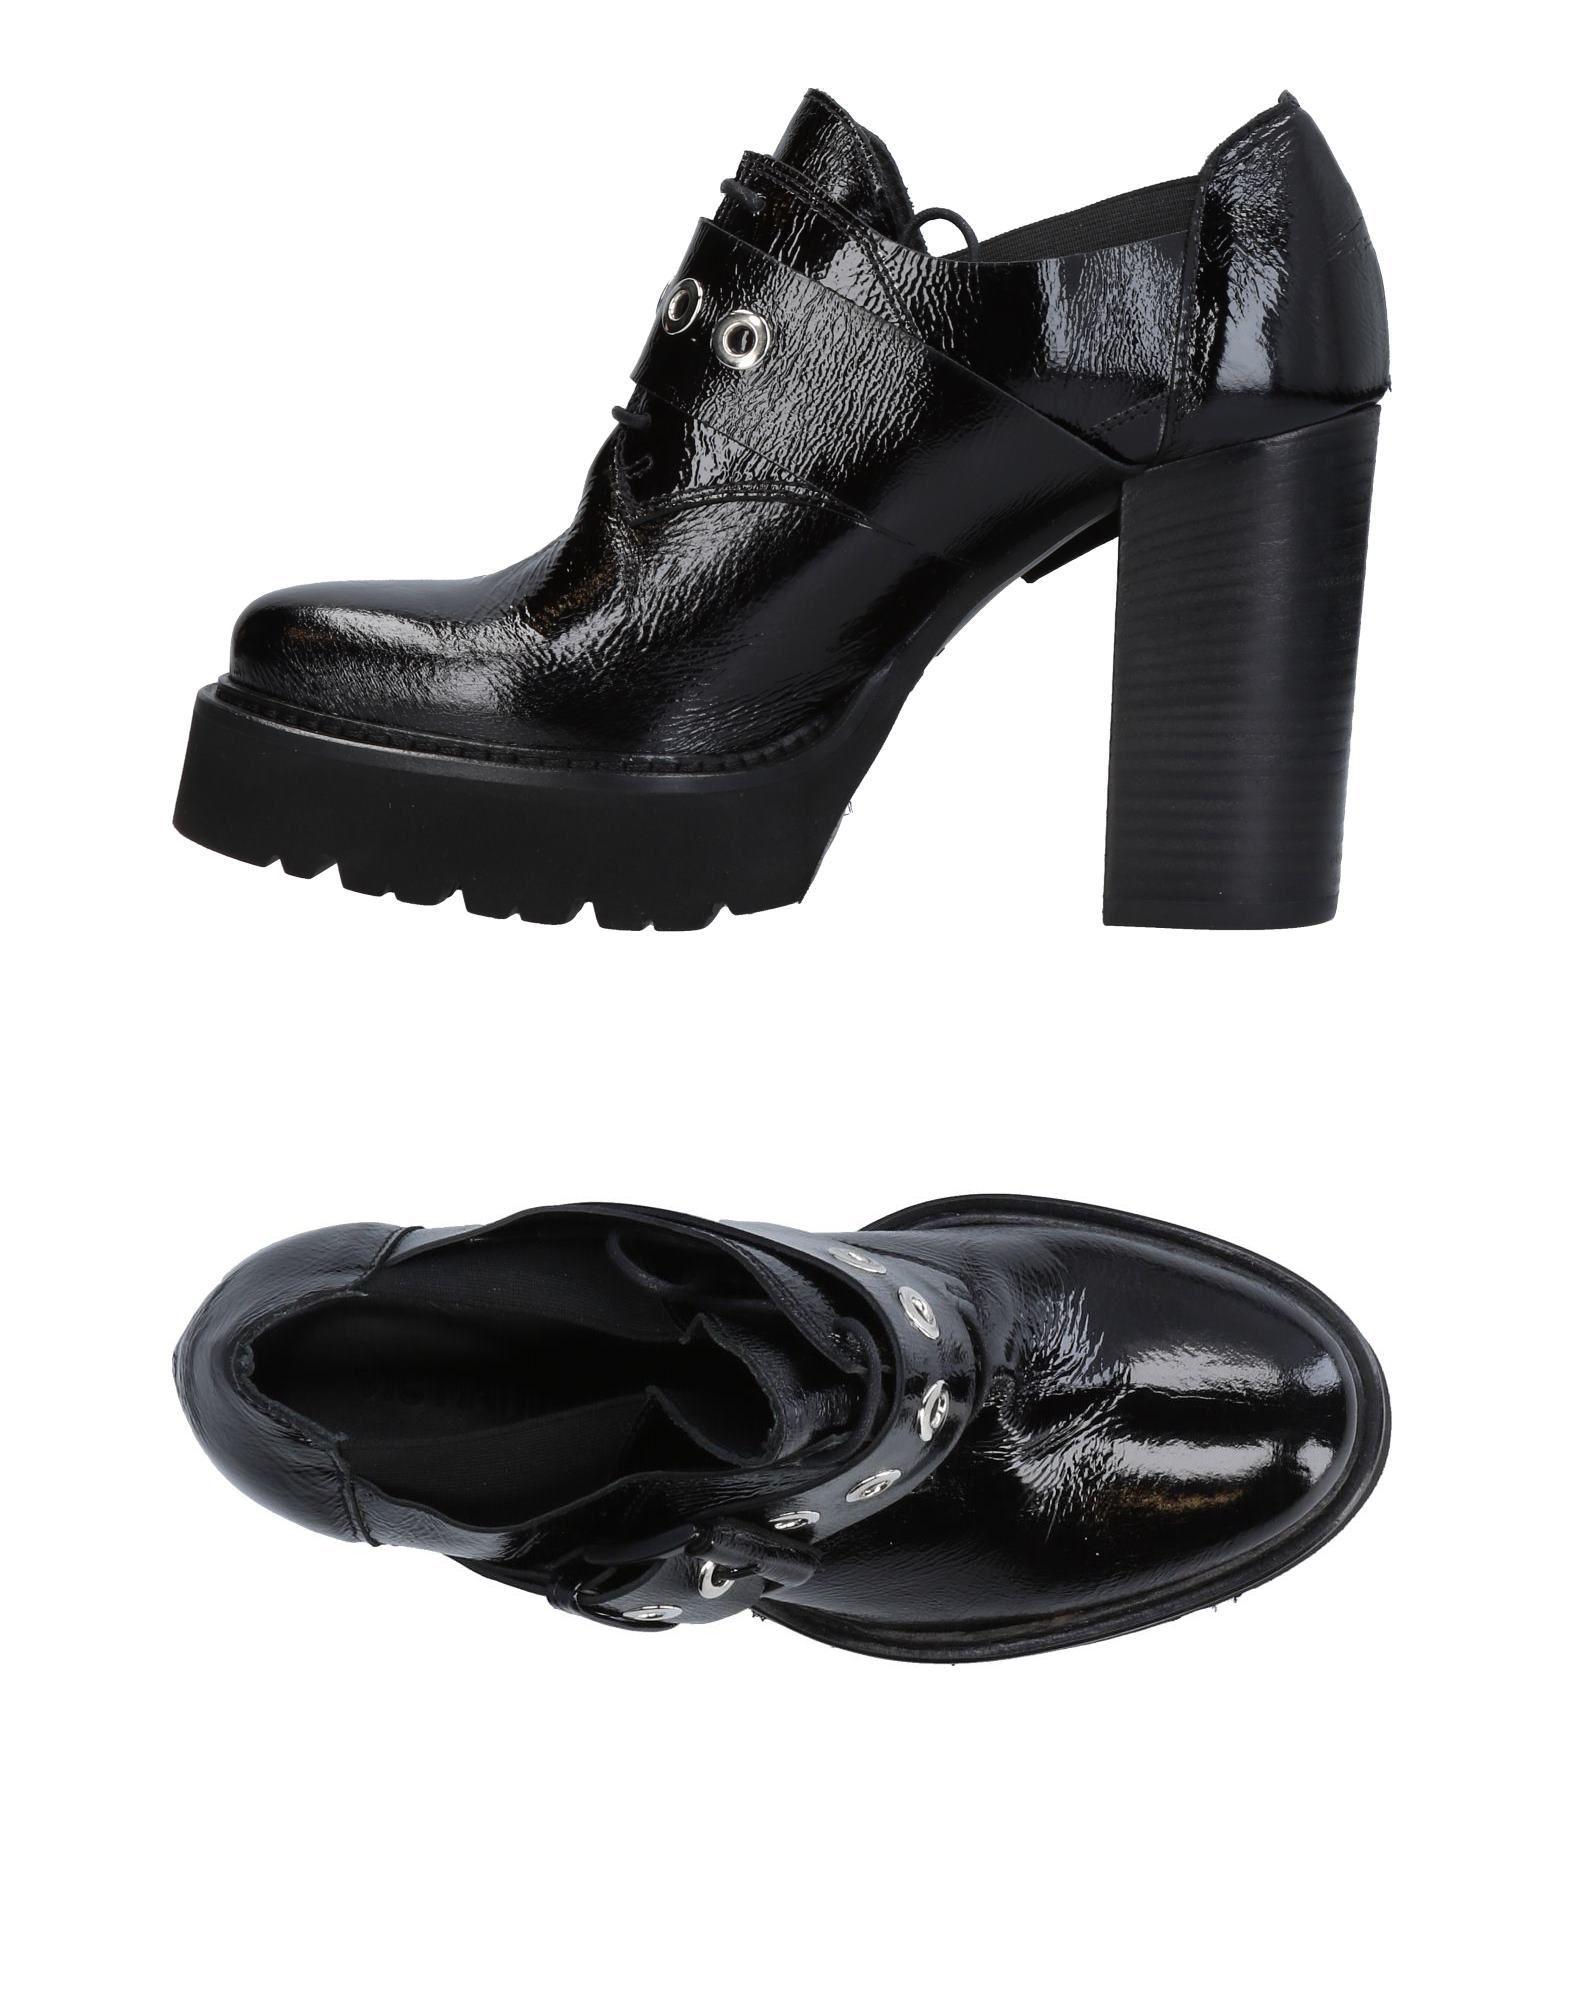 CHAUSSURES - Chaussures à lacetsVic Matié lKouD